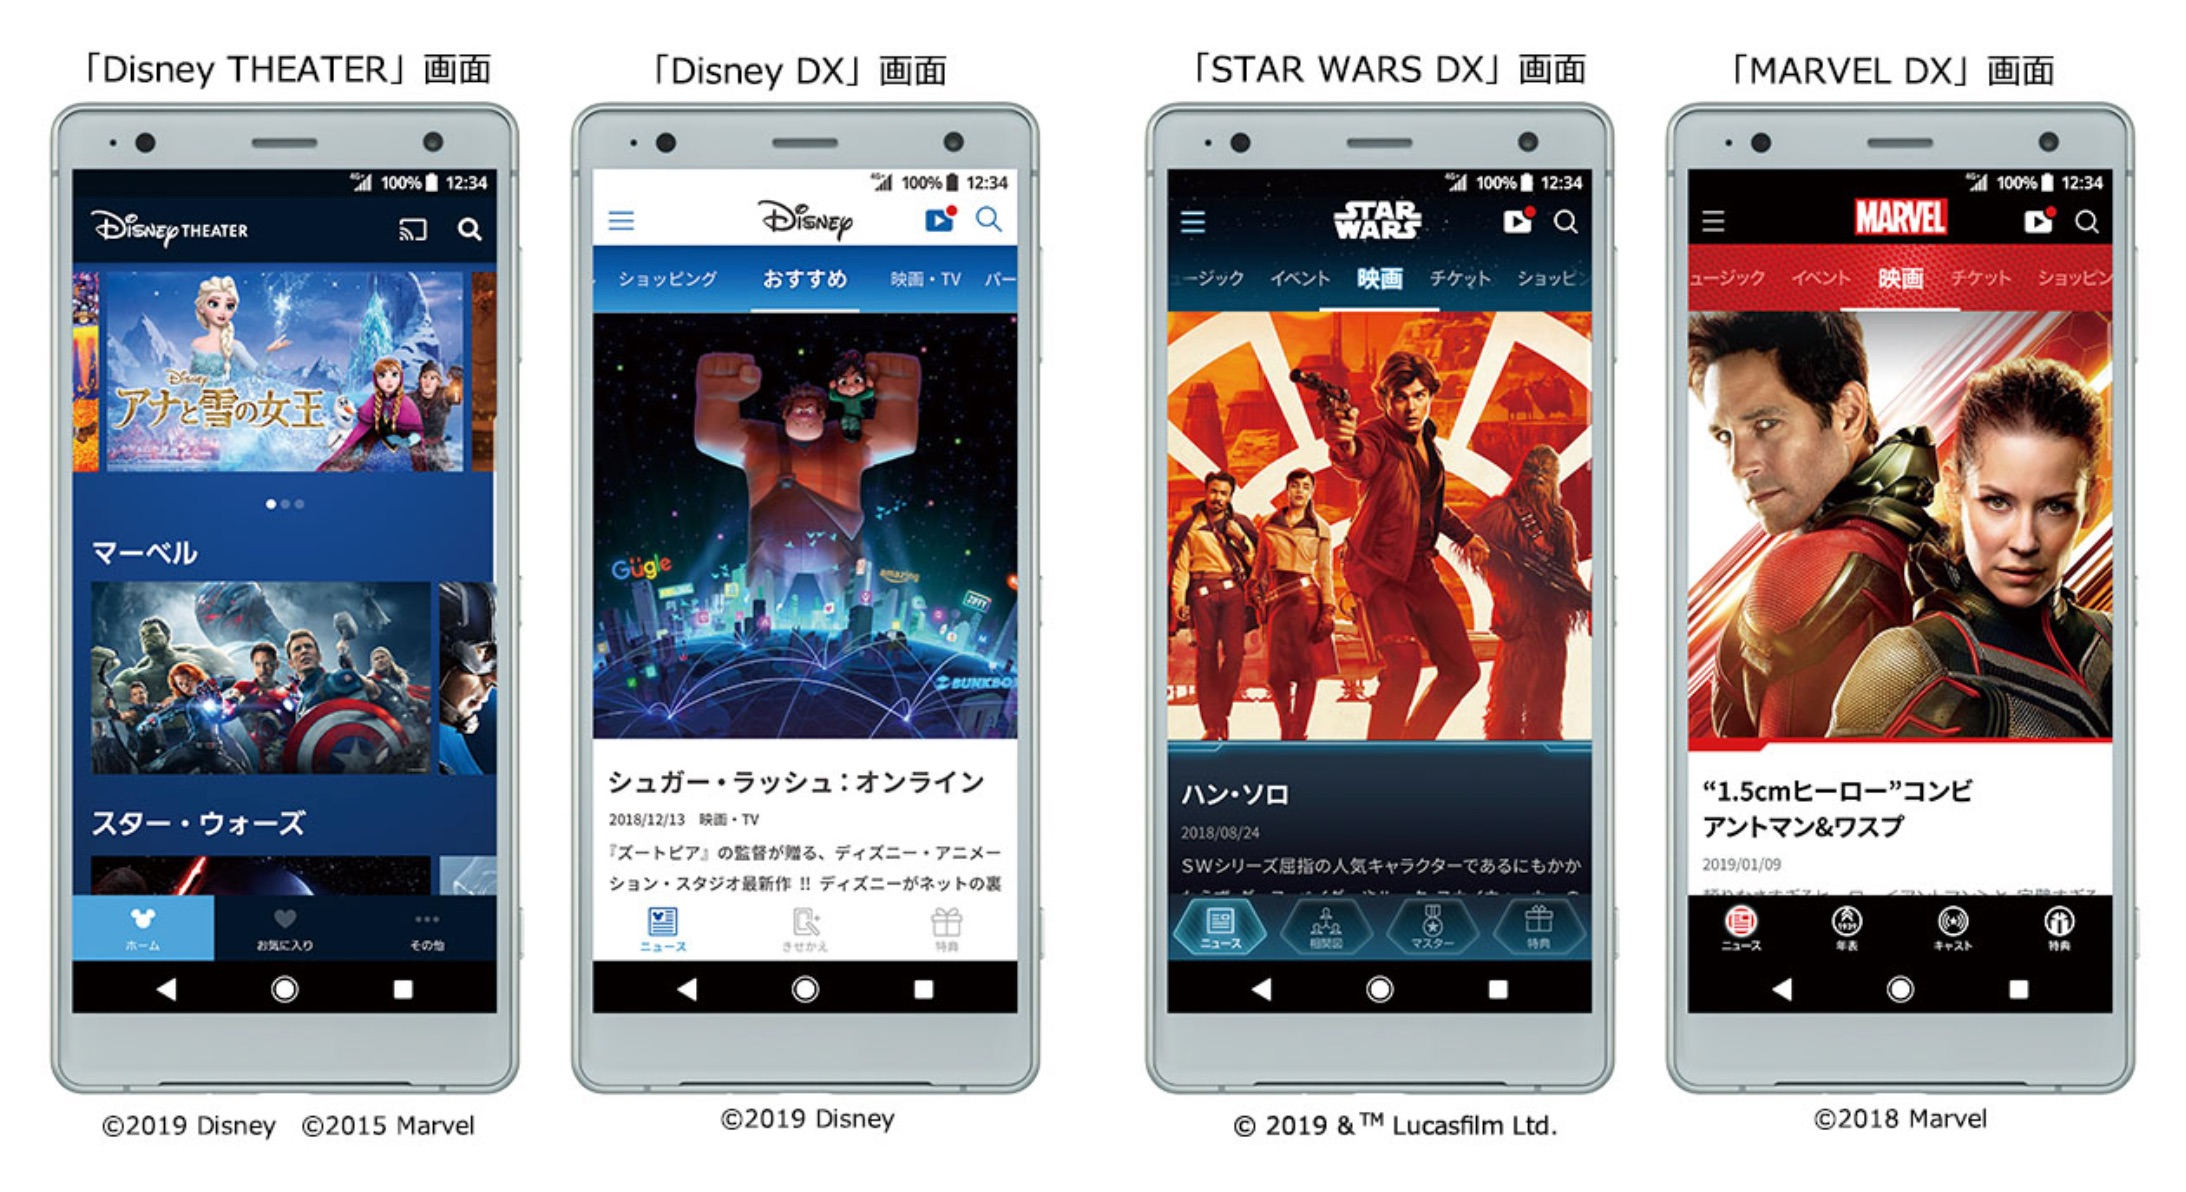 ディズニーの定額動画配信「Disney DELUXE」の加入はアリか!?考えてみた